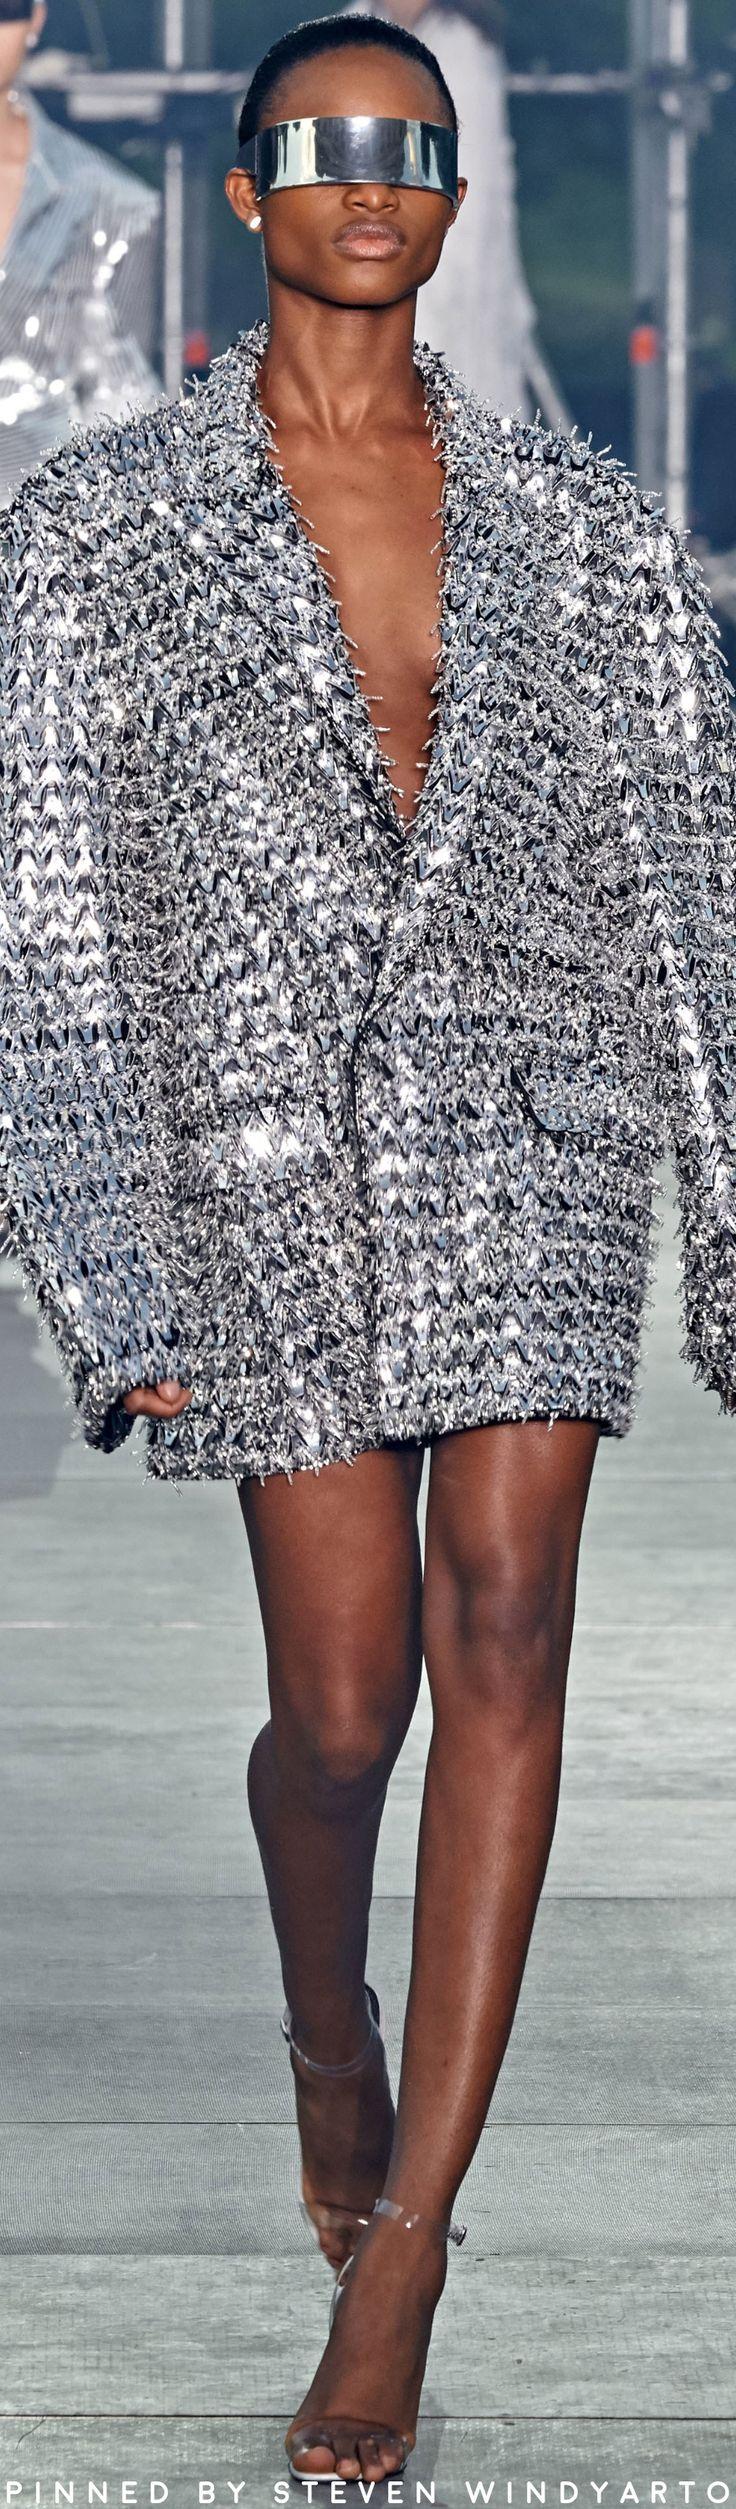 Balmain Spring 2020 Menswear